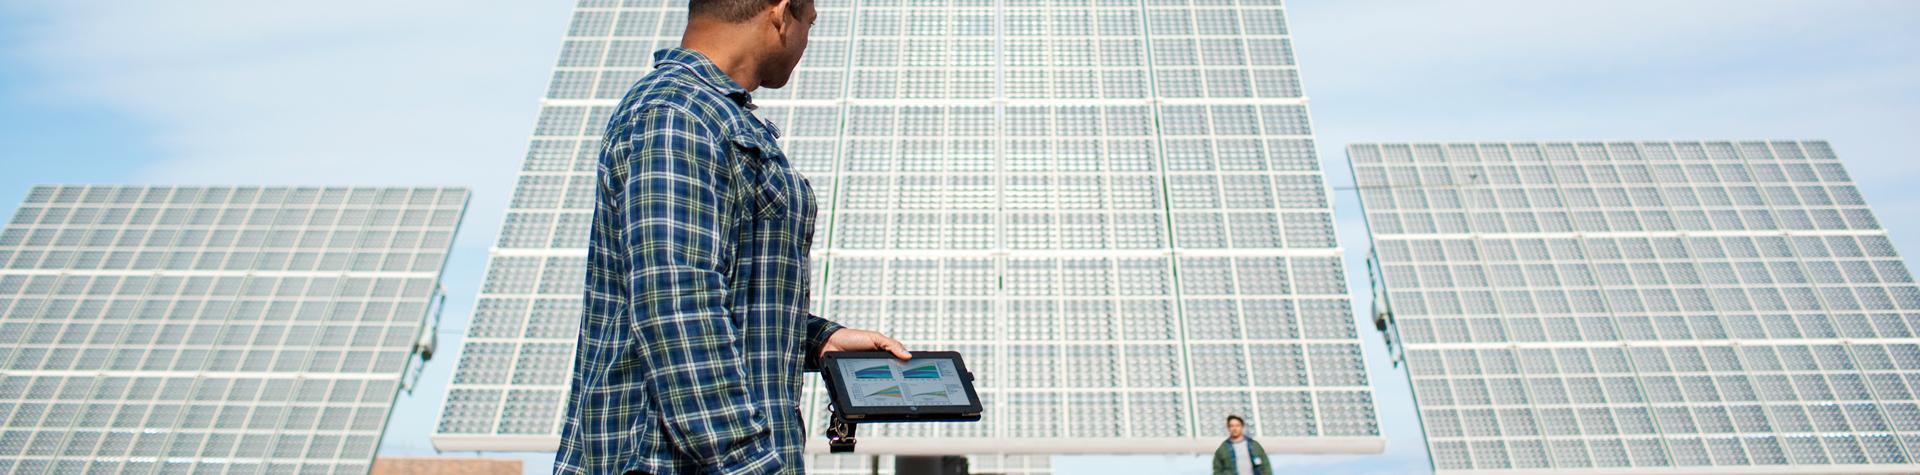 man monitoring generation at a solar plant